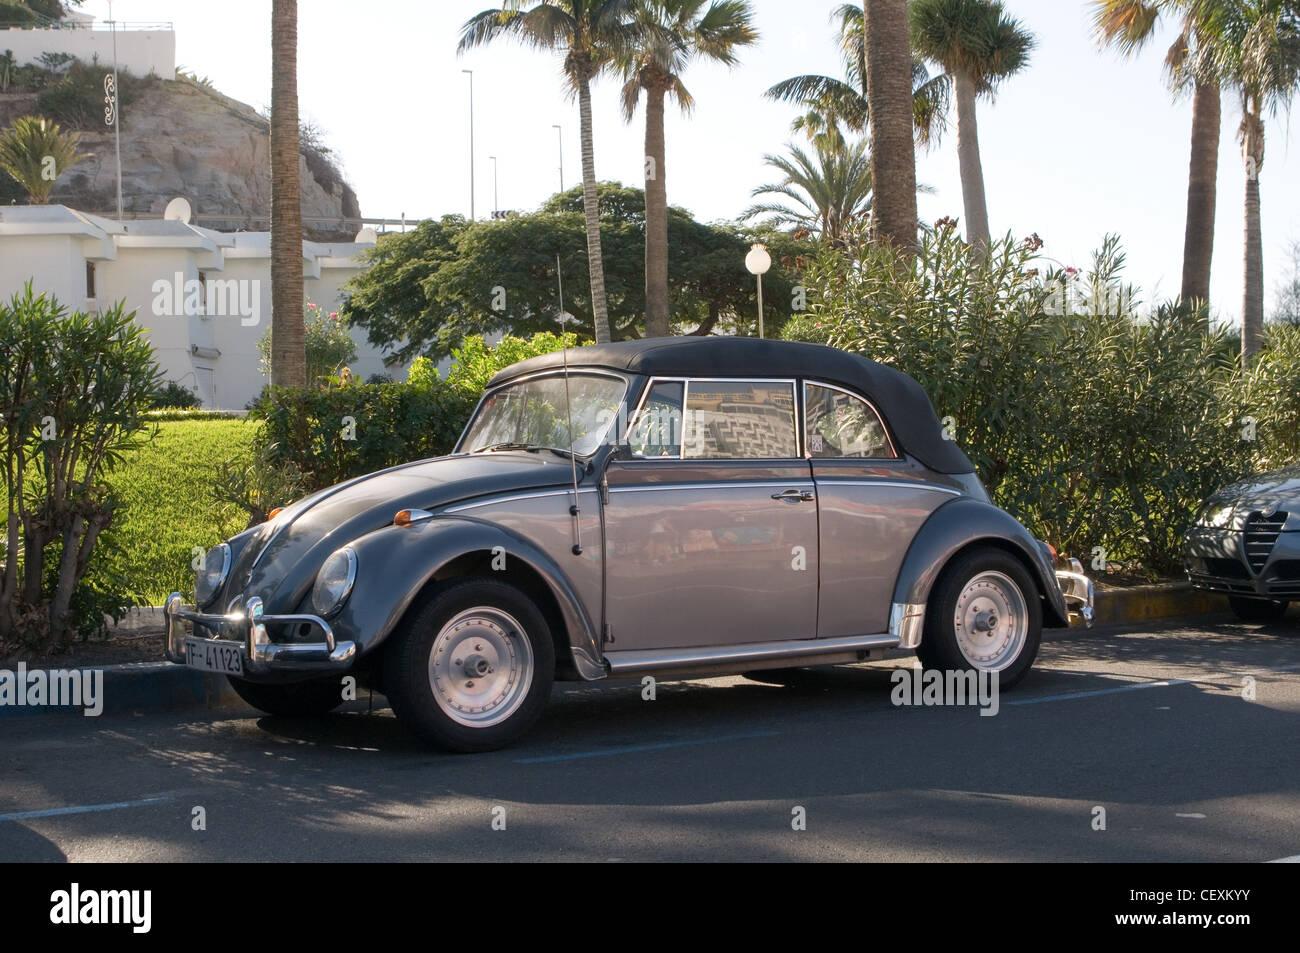 Volkswagen Beetle Modified Car Stock Photos & Volkswagen Beetle ...